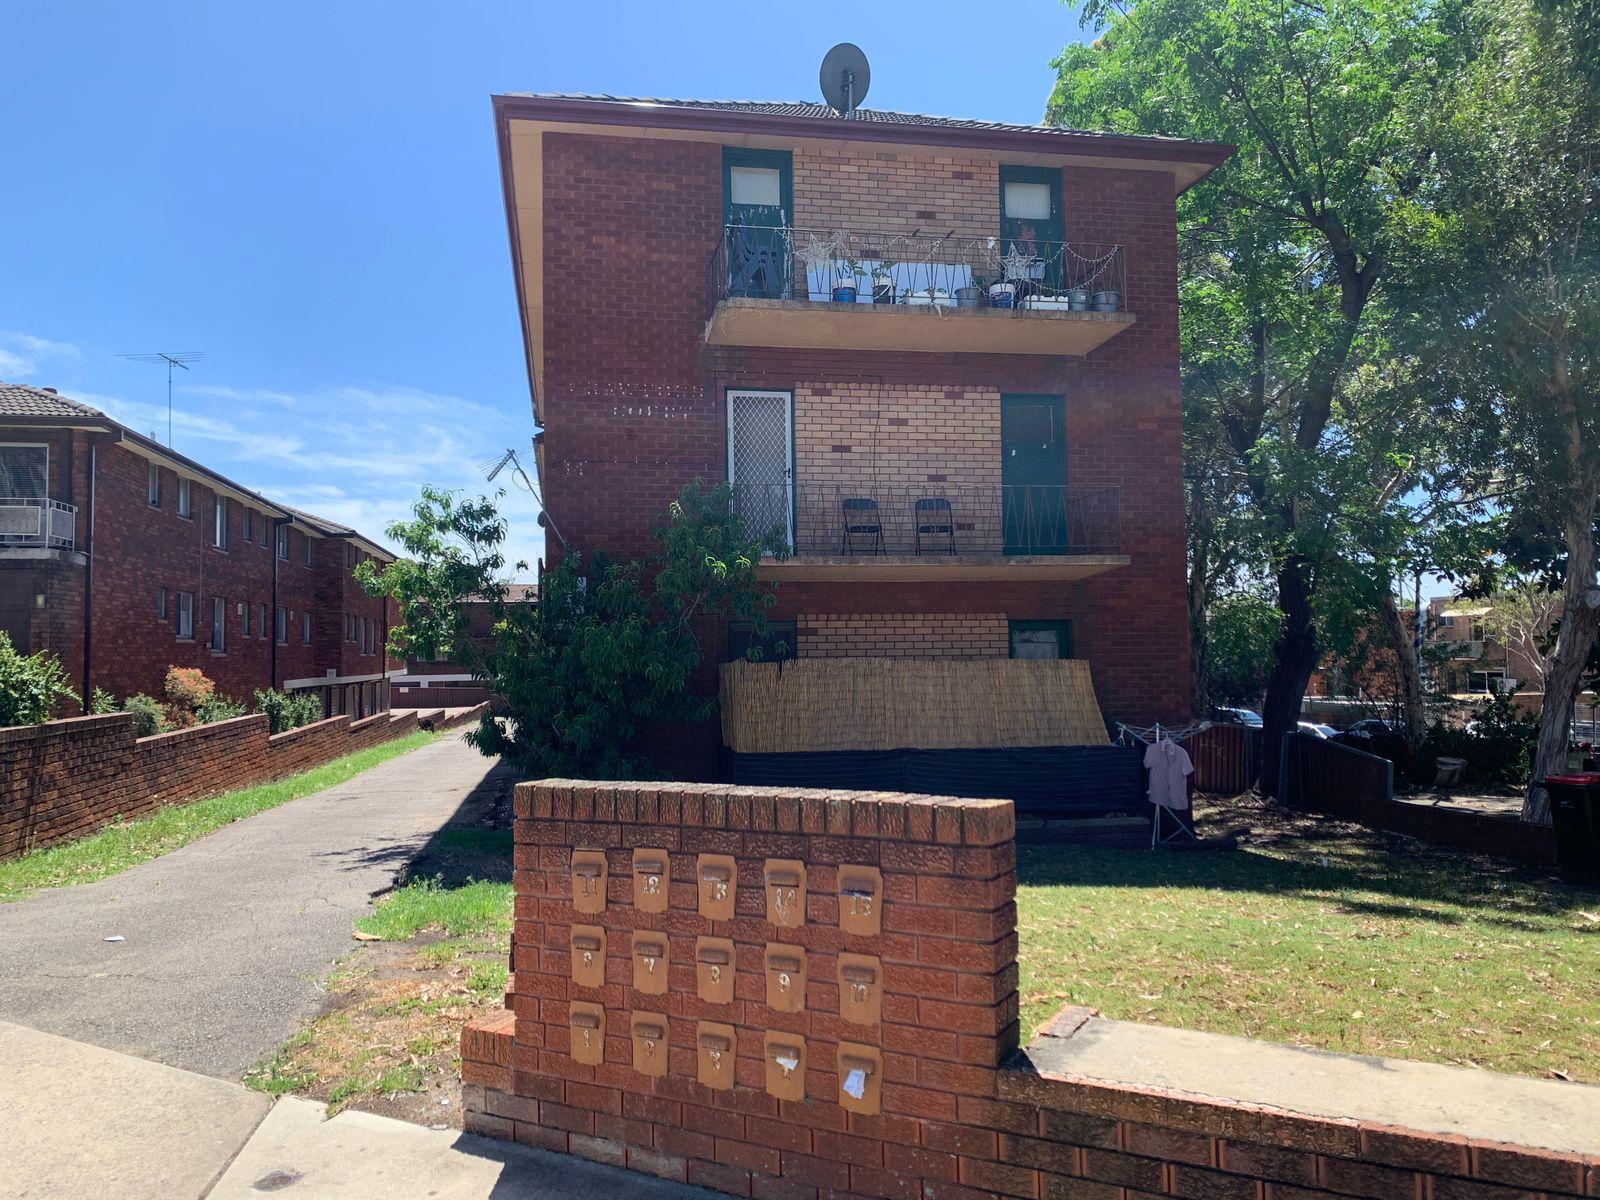 14/14 Crawford Street, Berala, NSW 2141